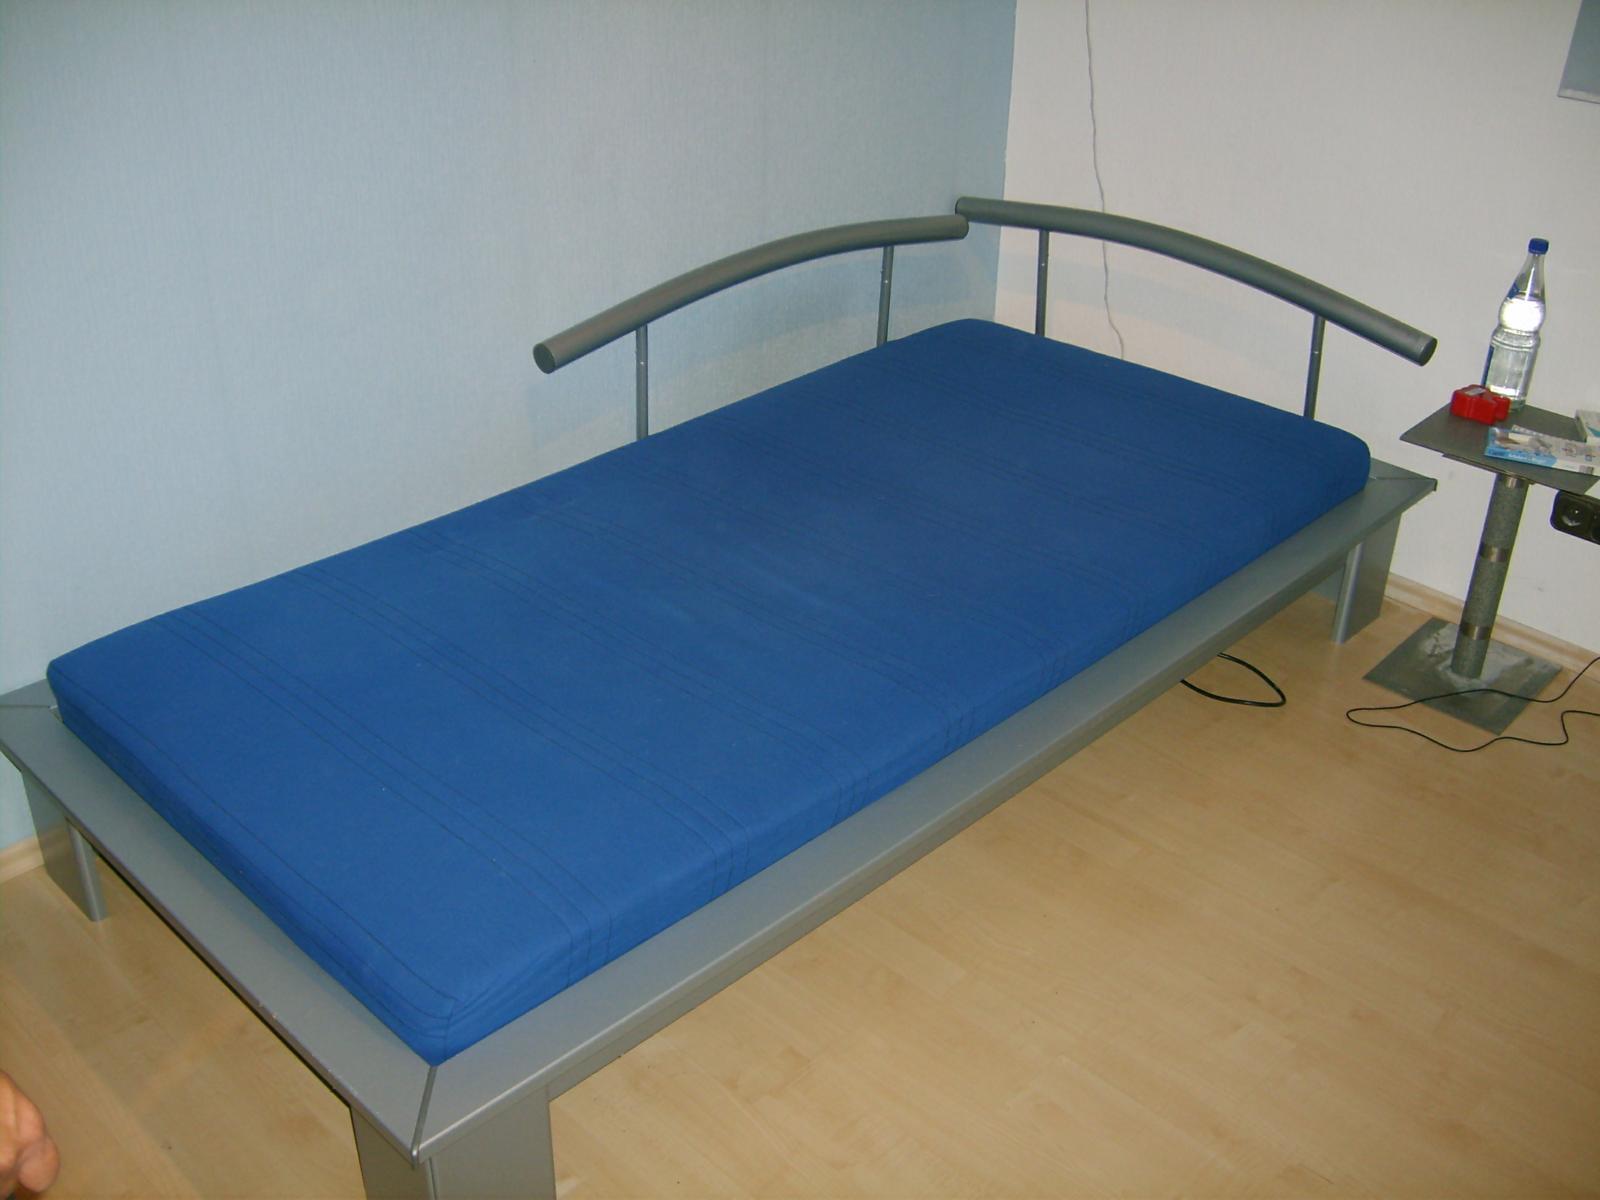 jugendbett mit schubladen und lattenrost in berlin m bel und haushalt kleinanzeigen. Black Bedroom Furniture Sets. Home Design Ideas